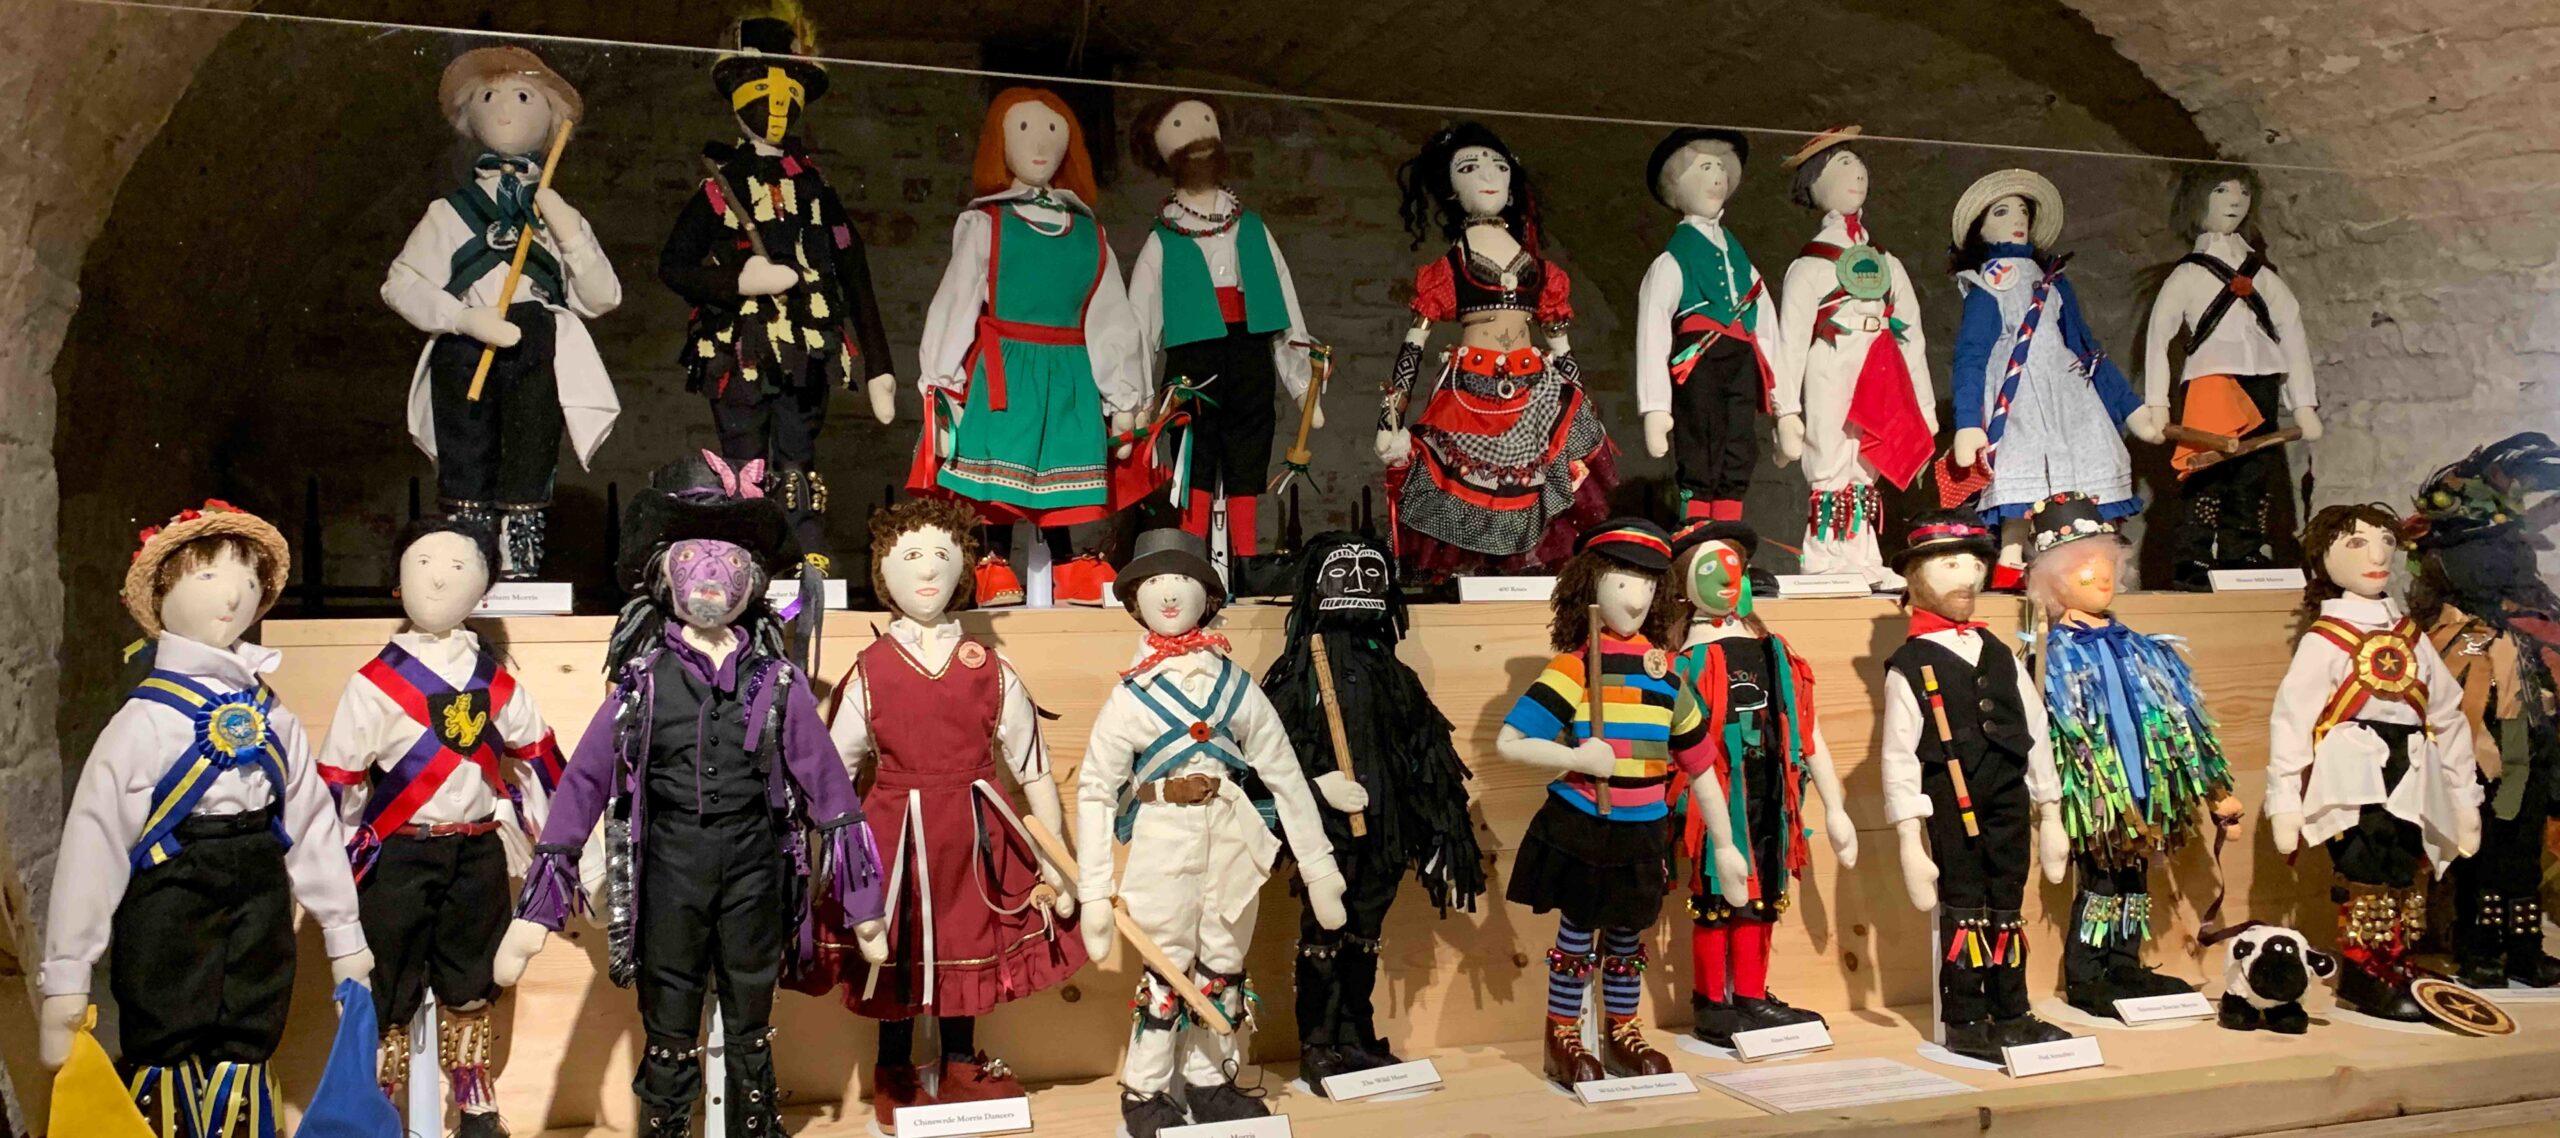 Morris Dolls line up